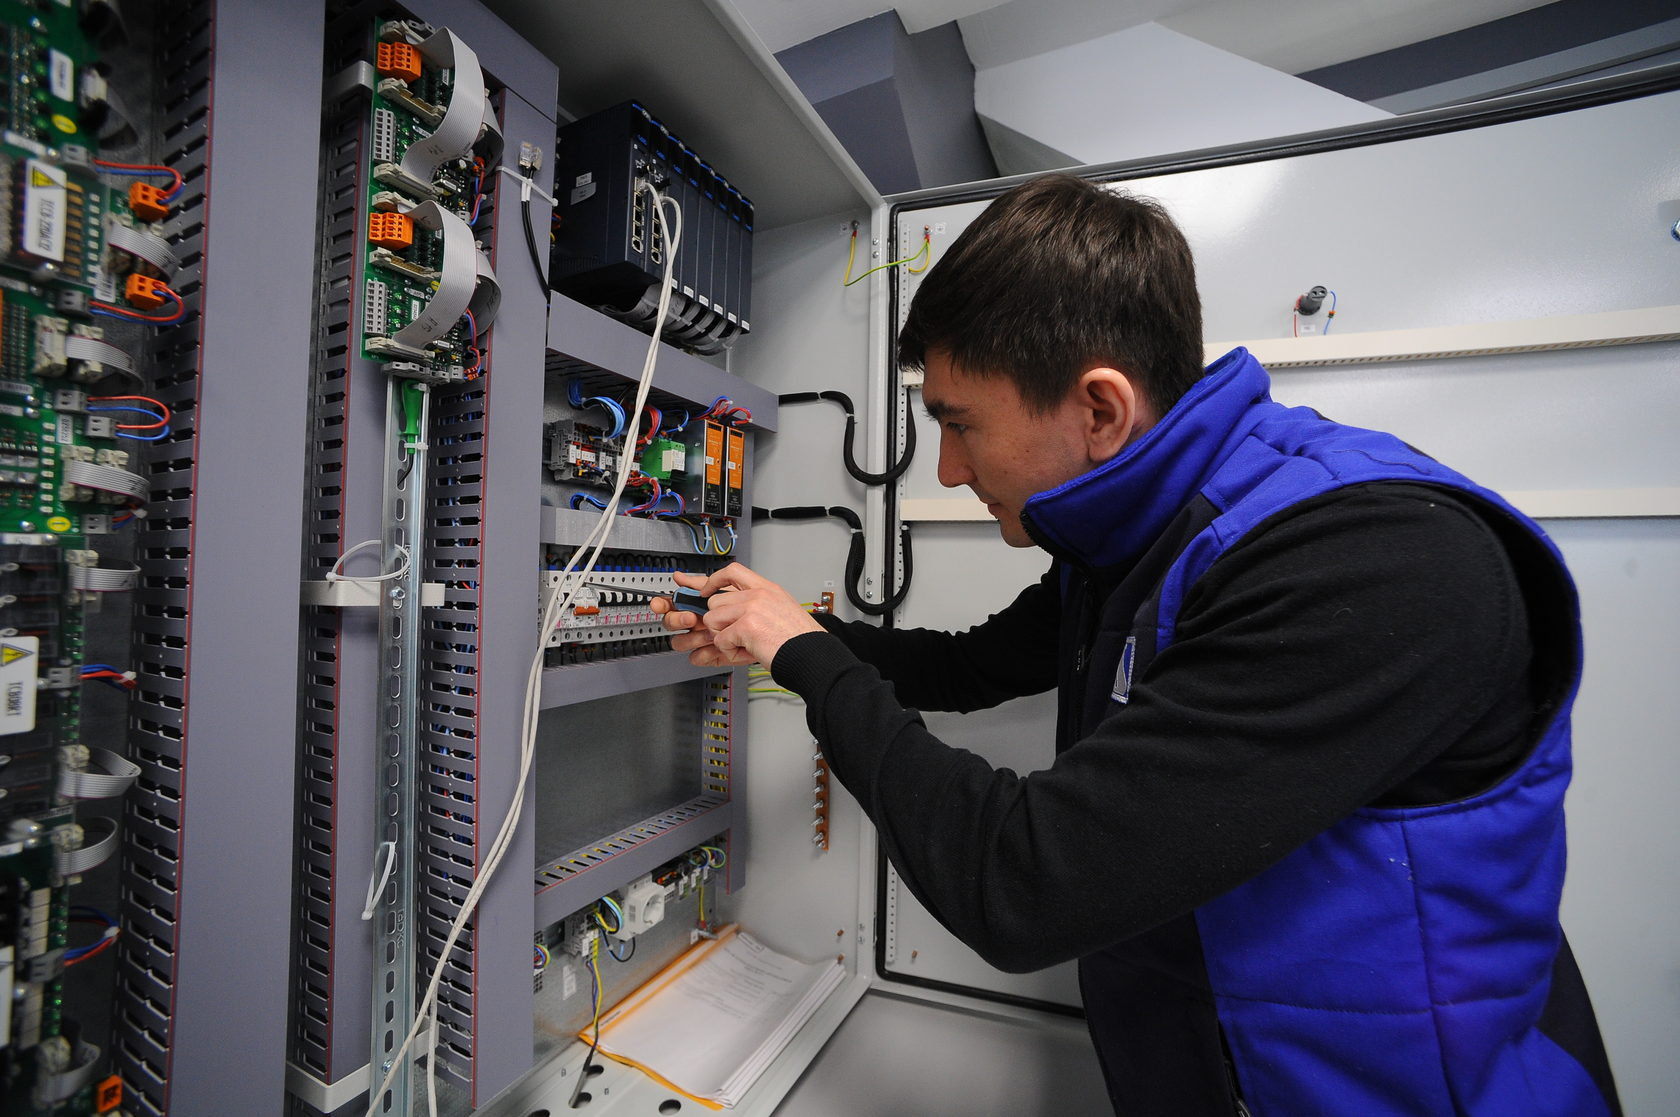 Công ty thi công điện nước tại Hà Nội uy tín, chất lượng nhất năm